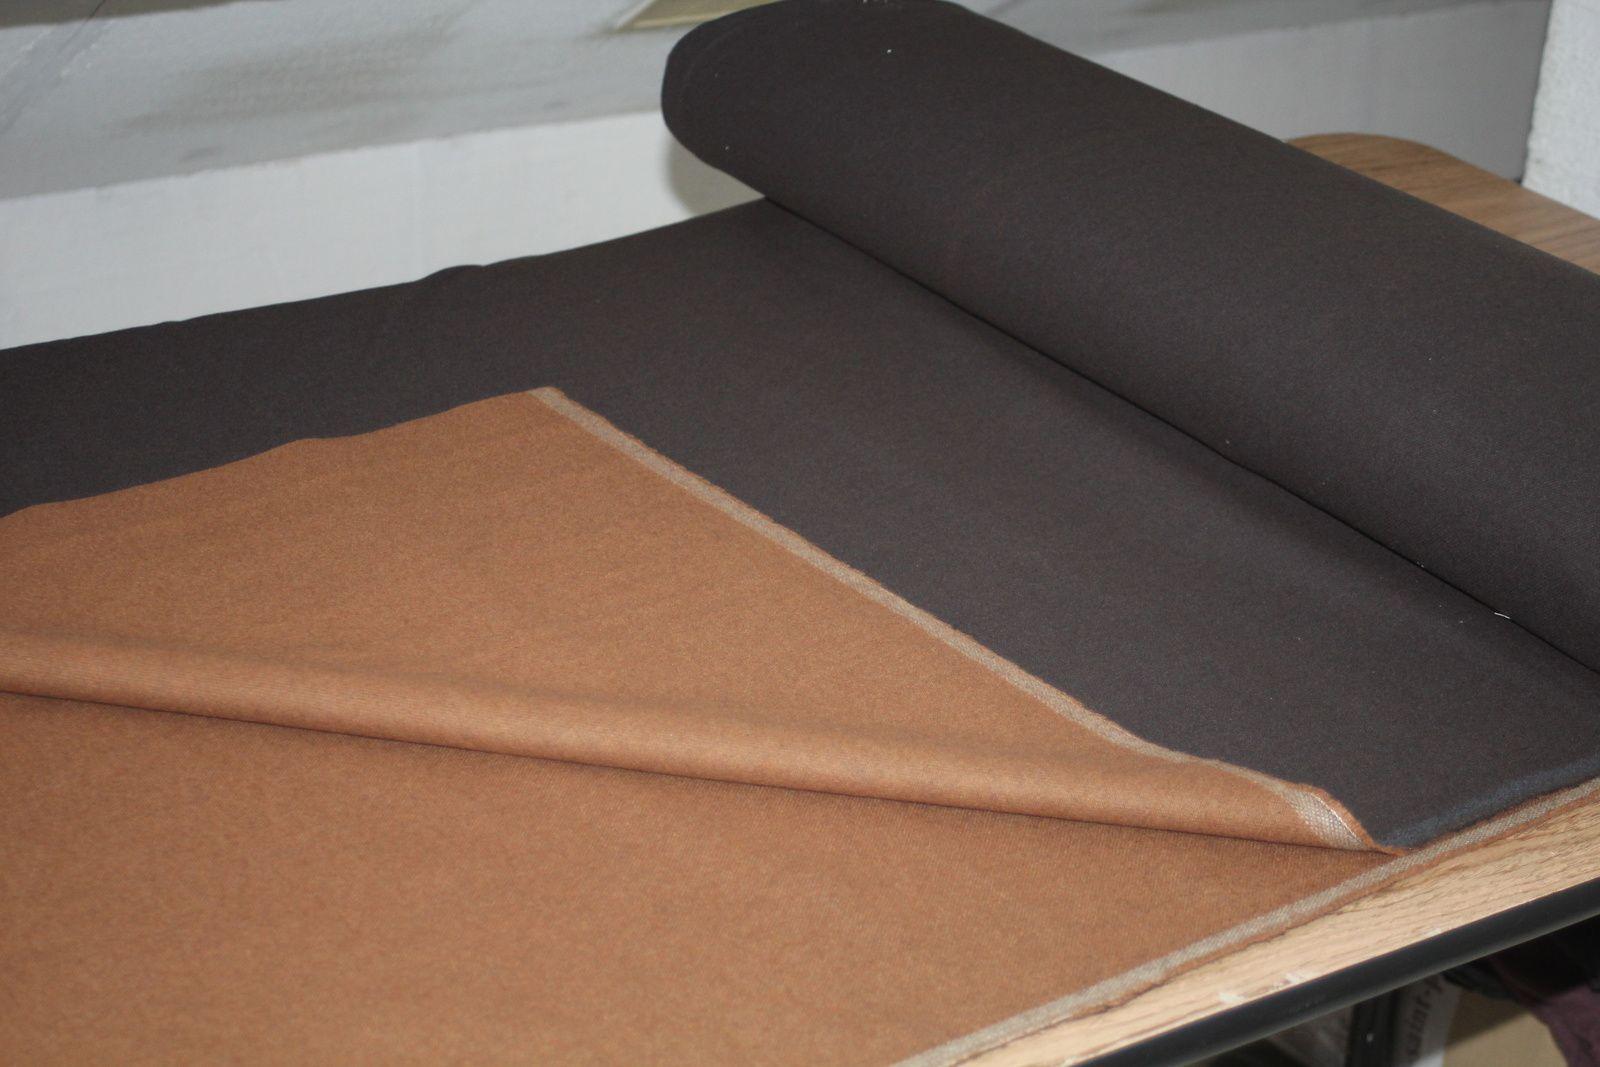 La bure de Jedi: le tissus / The Jedi robe: the fabric